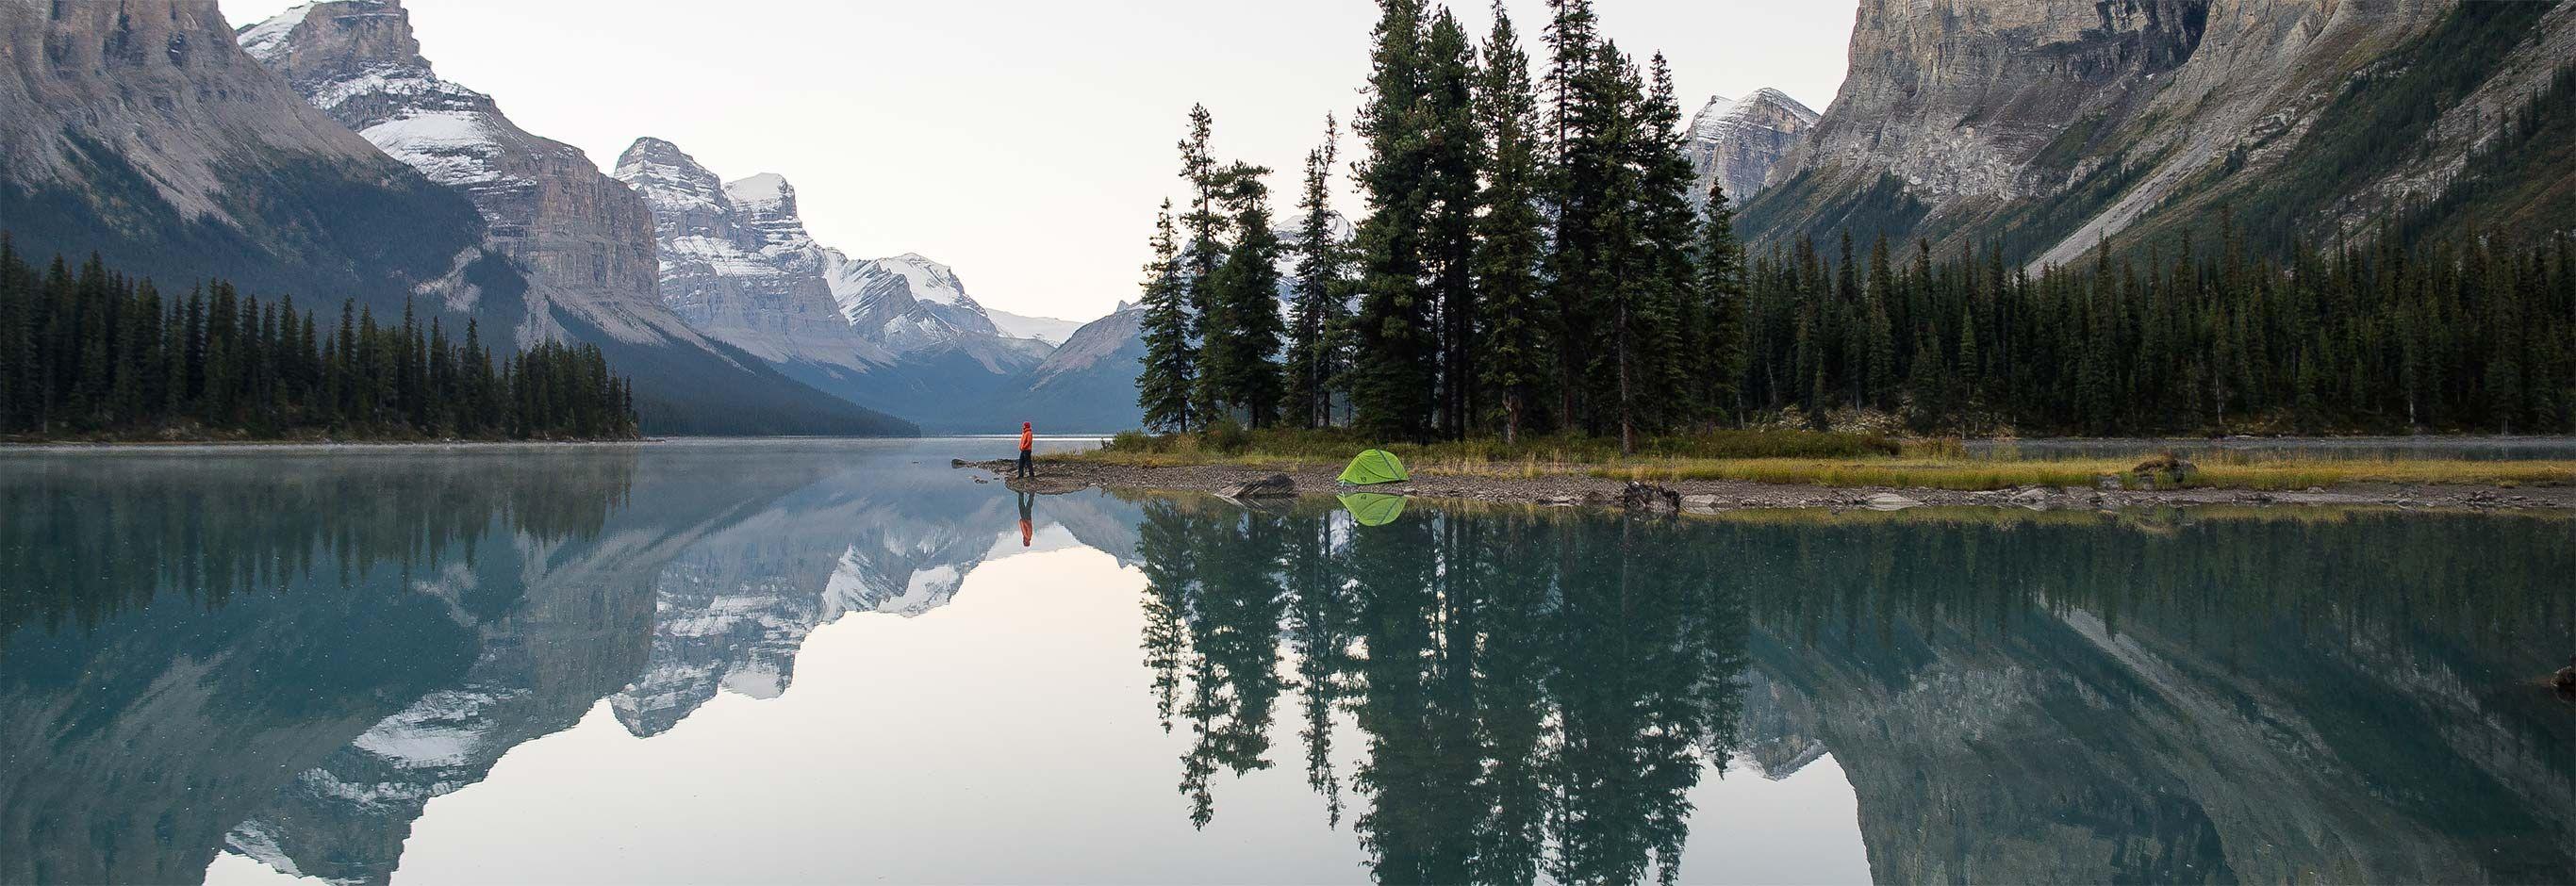 краткие советы по фотографированию пейзажа зиму, умеешь красиво